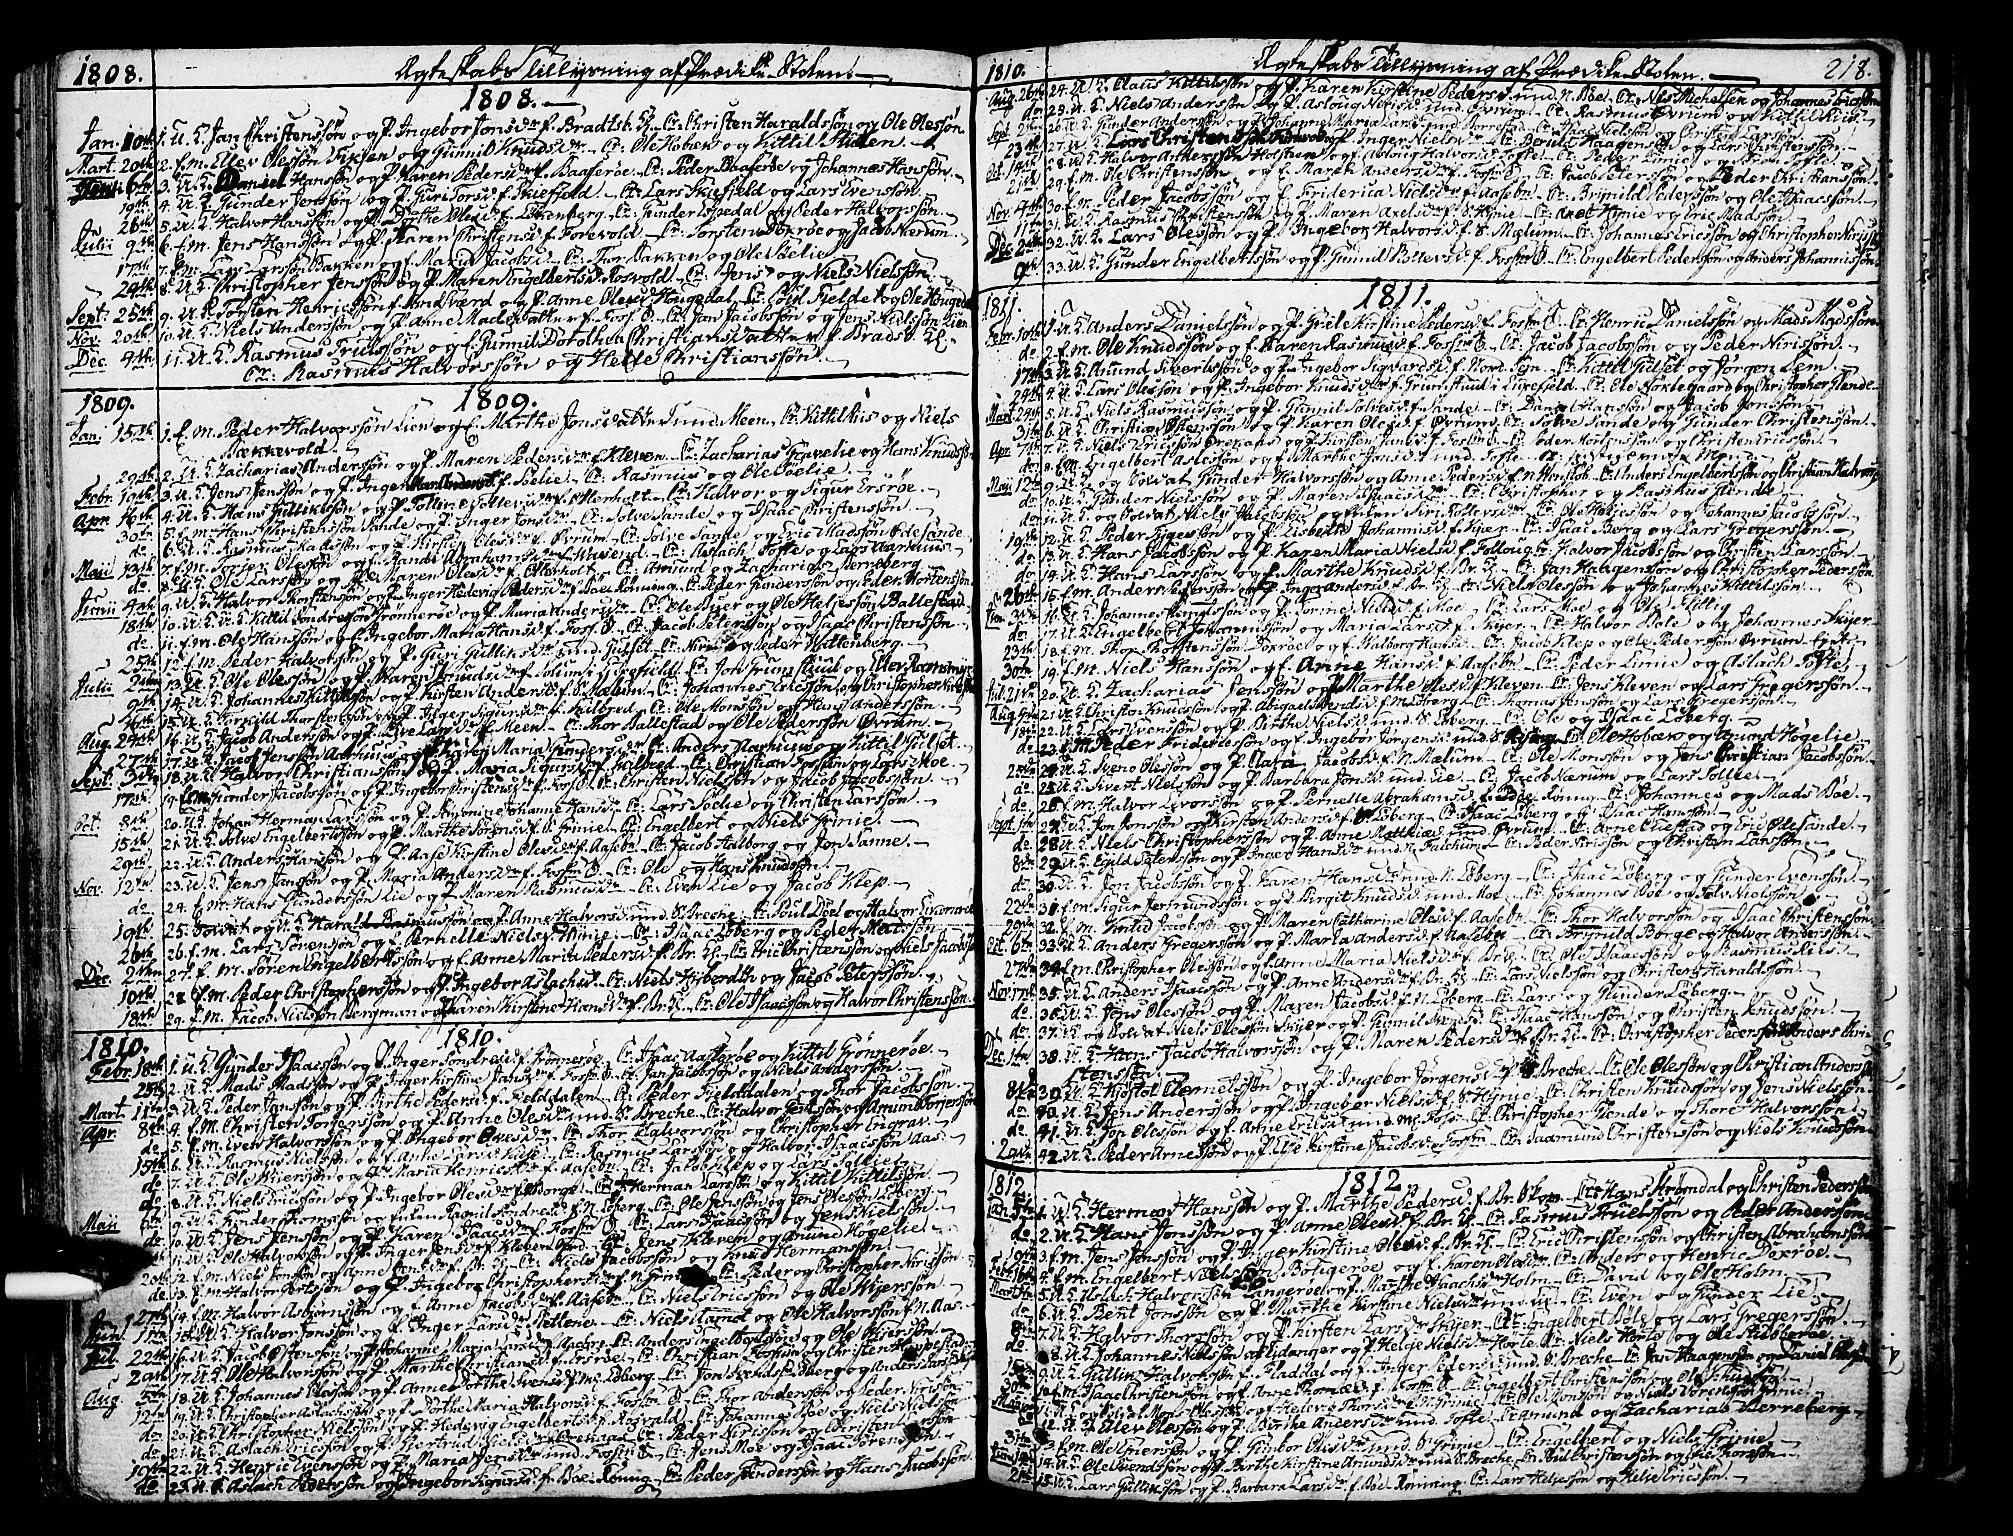 SAKO, Gjerpen kirkebøker, F/Fa/L0003: Ministerialbok nr. 3, 1796-1814, s. 218